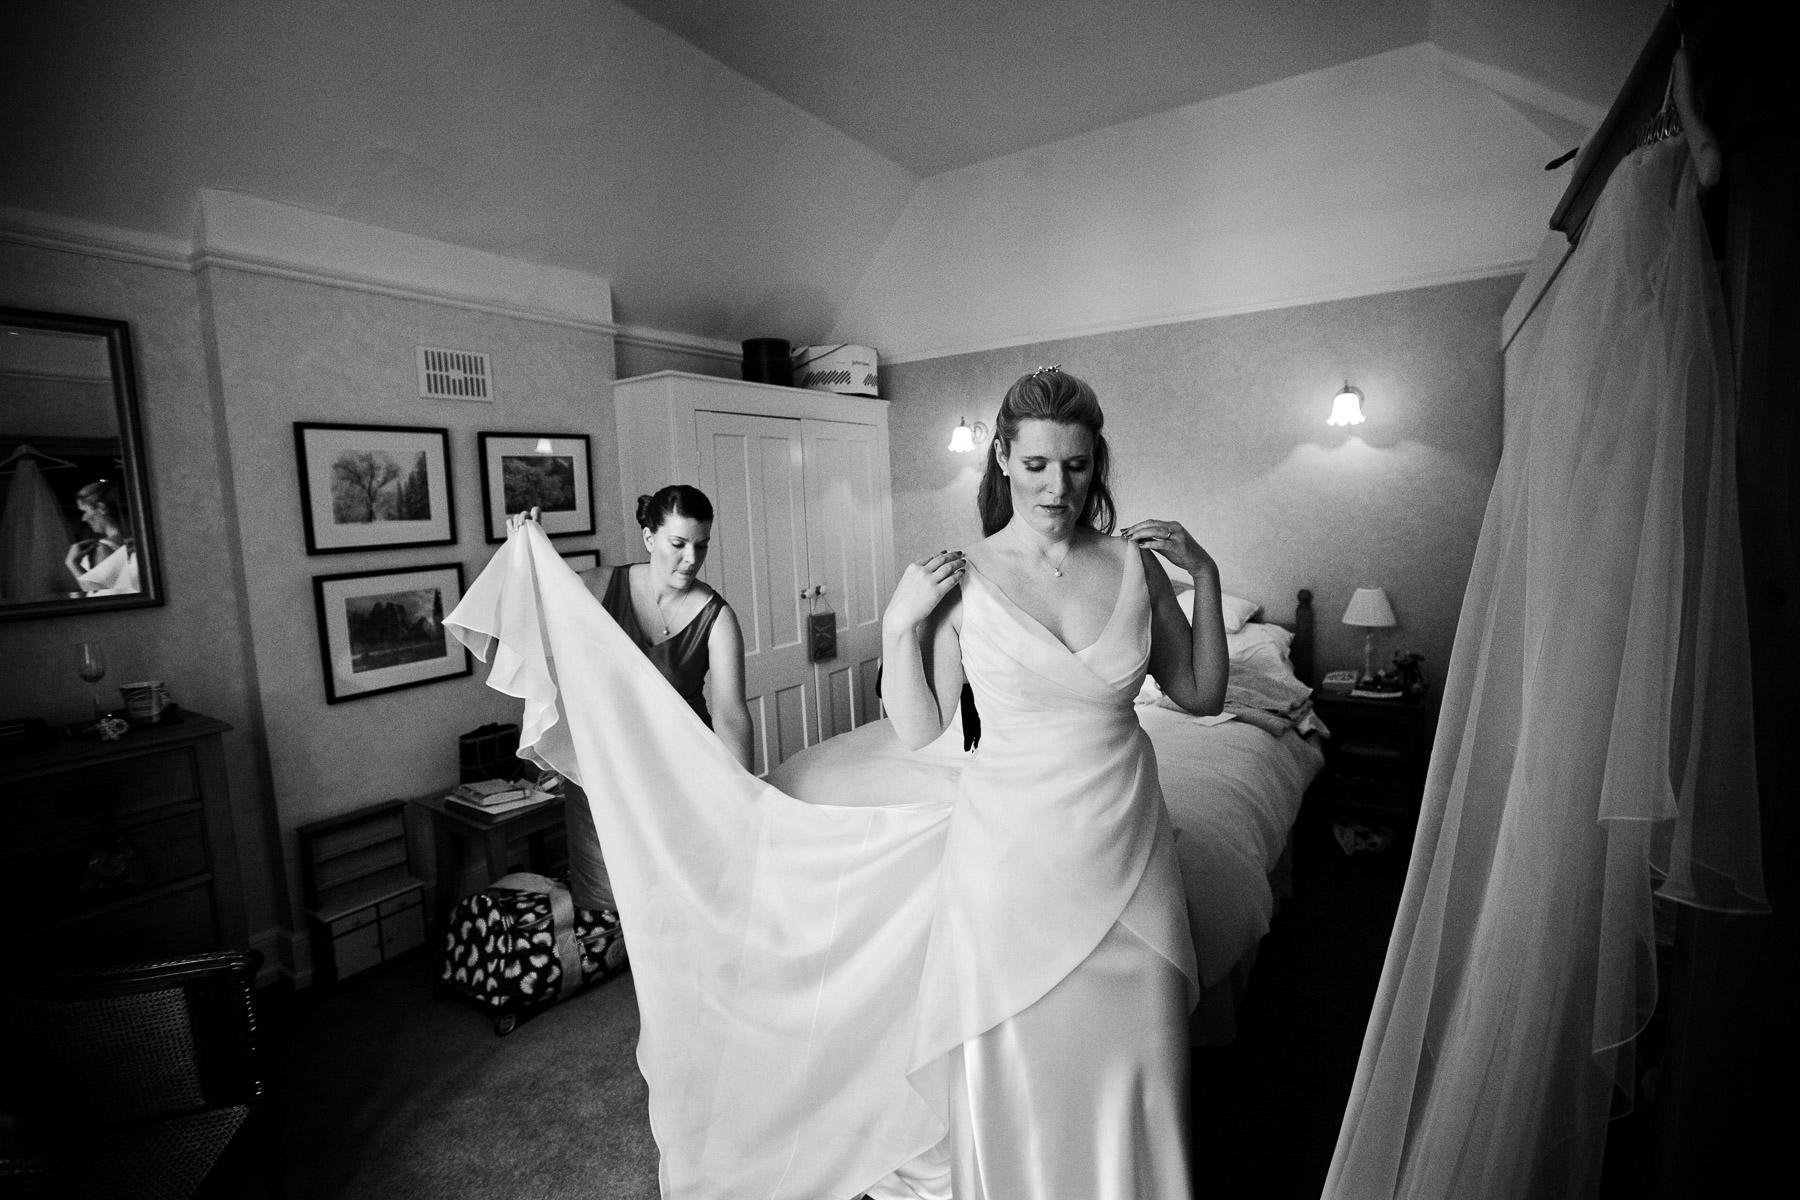 wedding portfolio 25-09-17  143.jpg